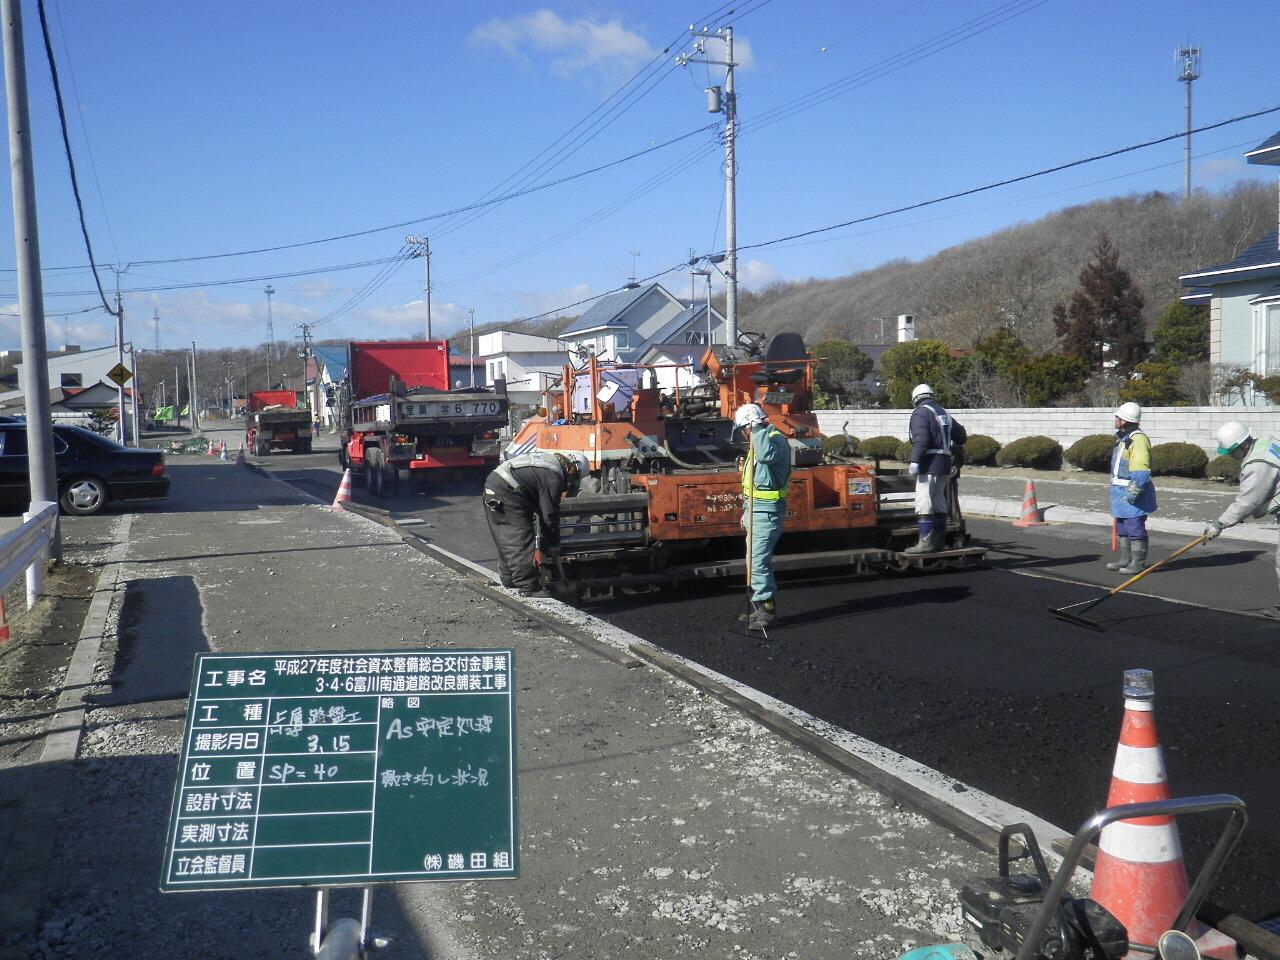 平成27年度社会資本整備総合交付金事業 3・4・6富川南通道路改良舗装工事